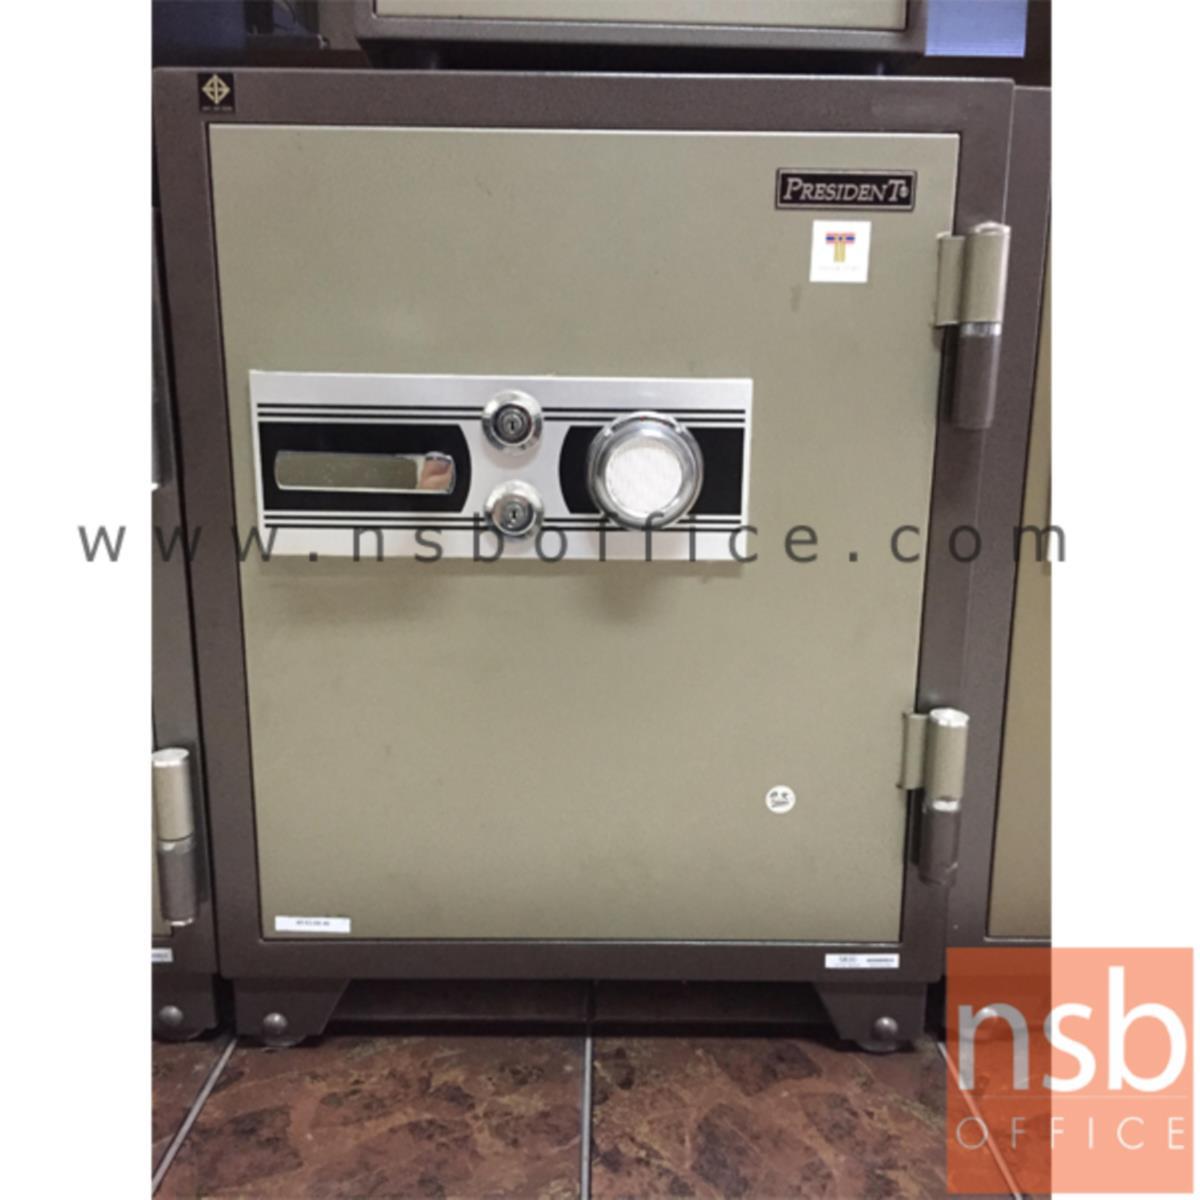 F05A013:ตู้เซฟนิรภัยชนิดหมุน 155 กก. รุ่น PRESIDENT-SB30 มี 2 กุญแจ 1 รหัส (รหัสใช้หมุนหน้าตู้)